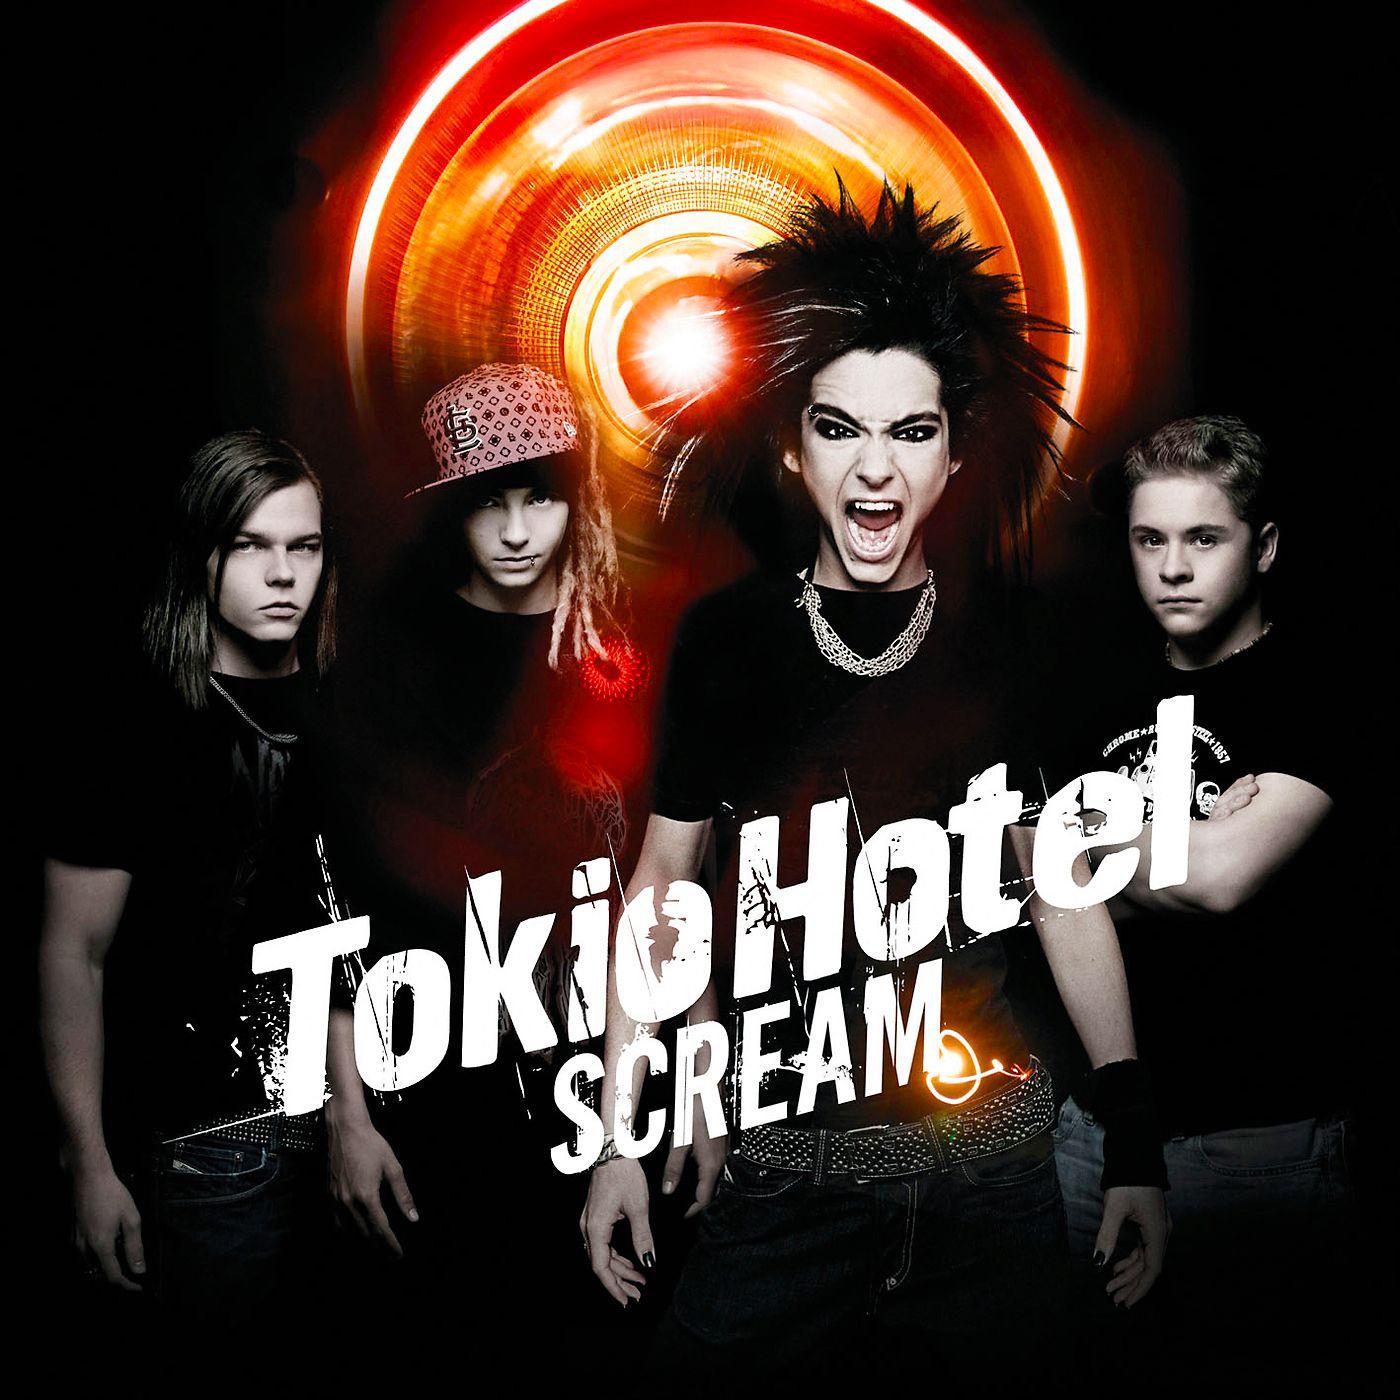 Tokio Hotel - Scream album cover